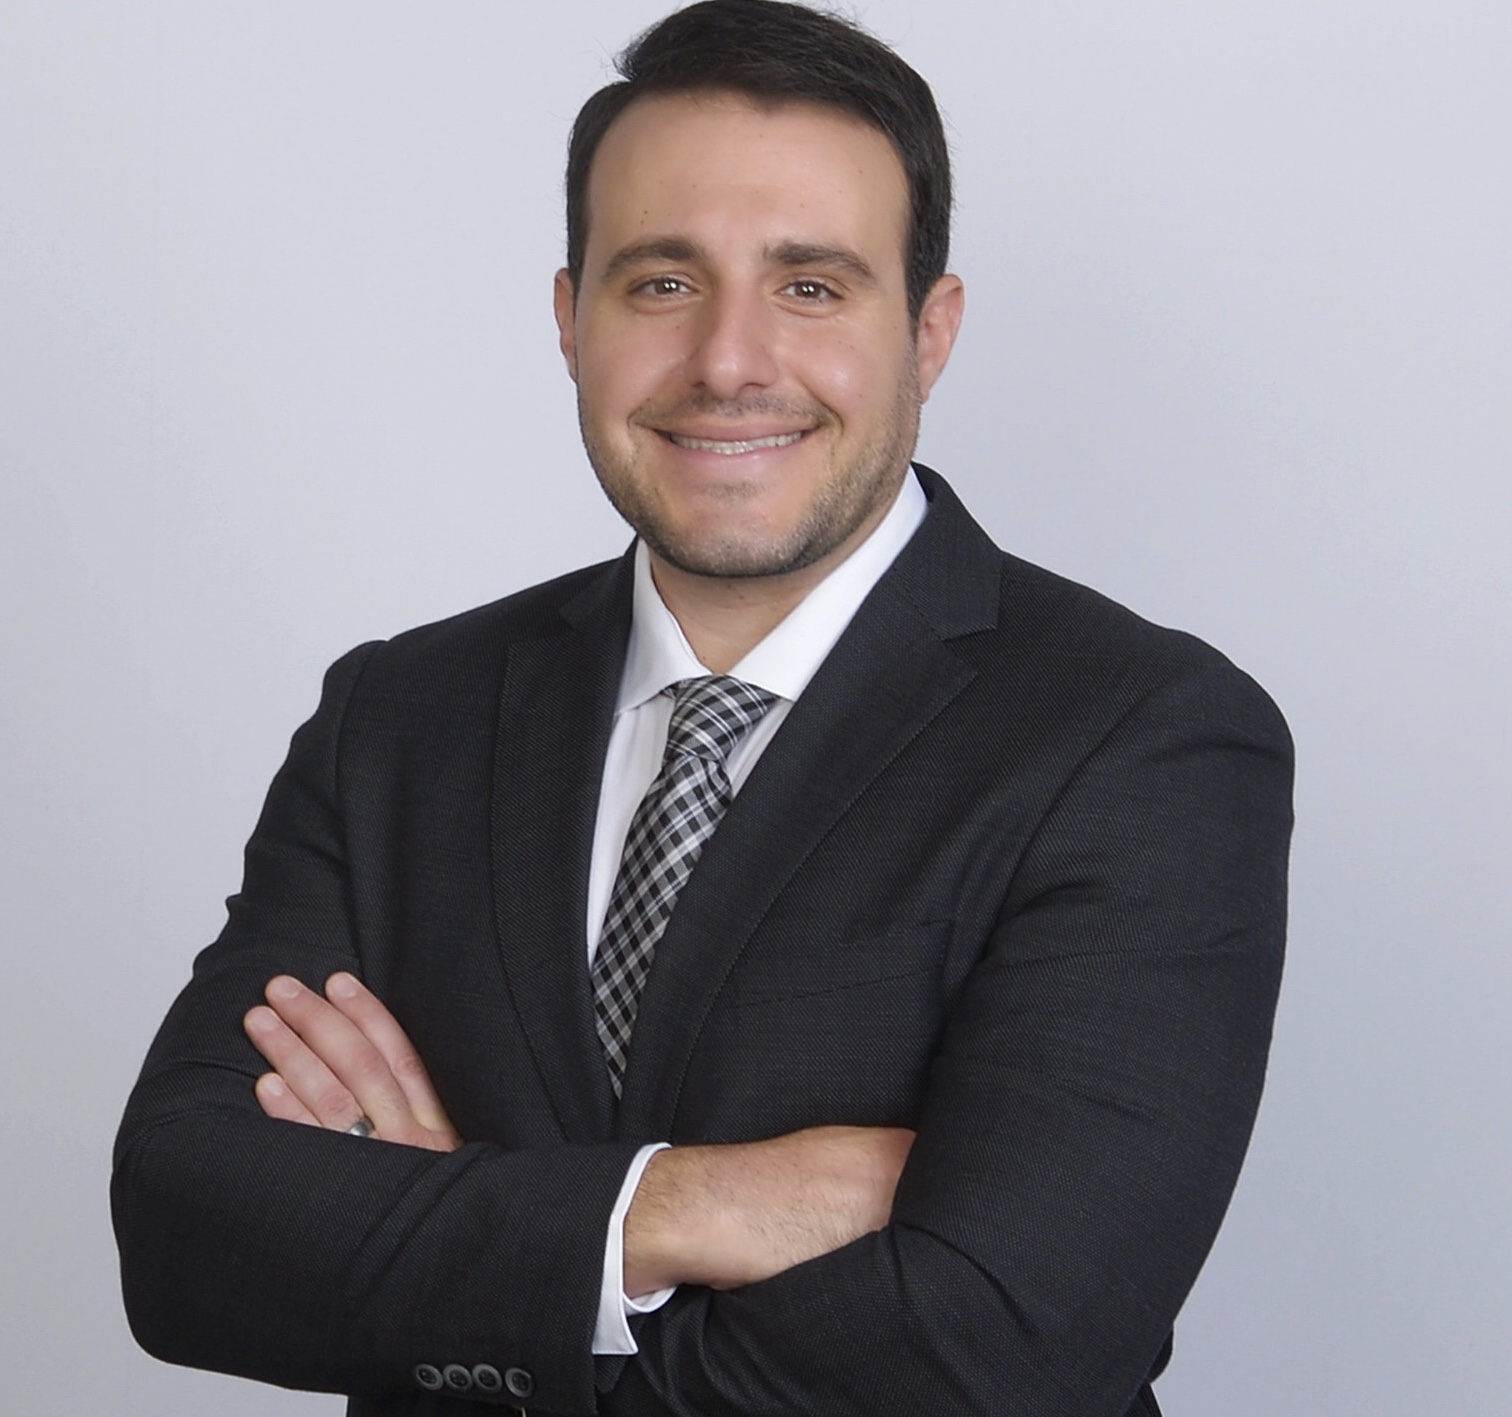 Joseph Bazzi